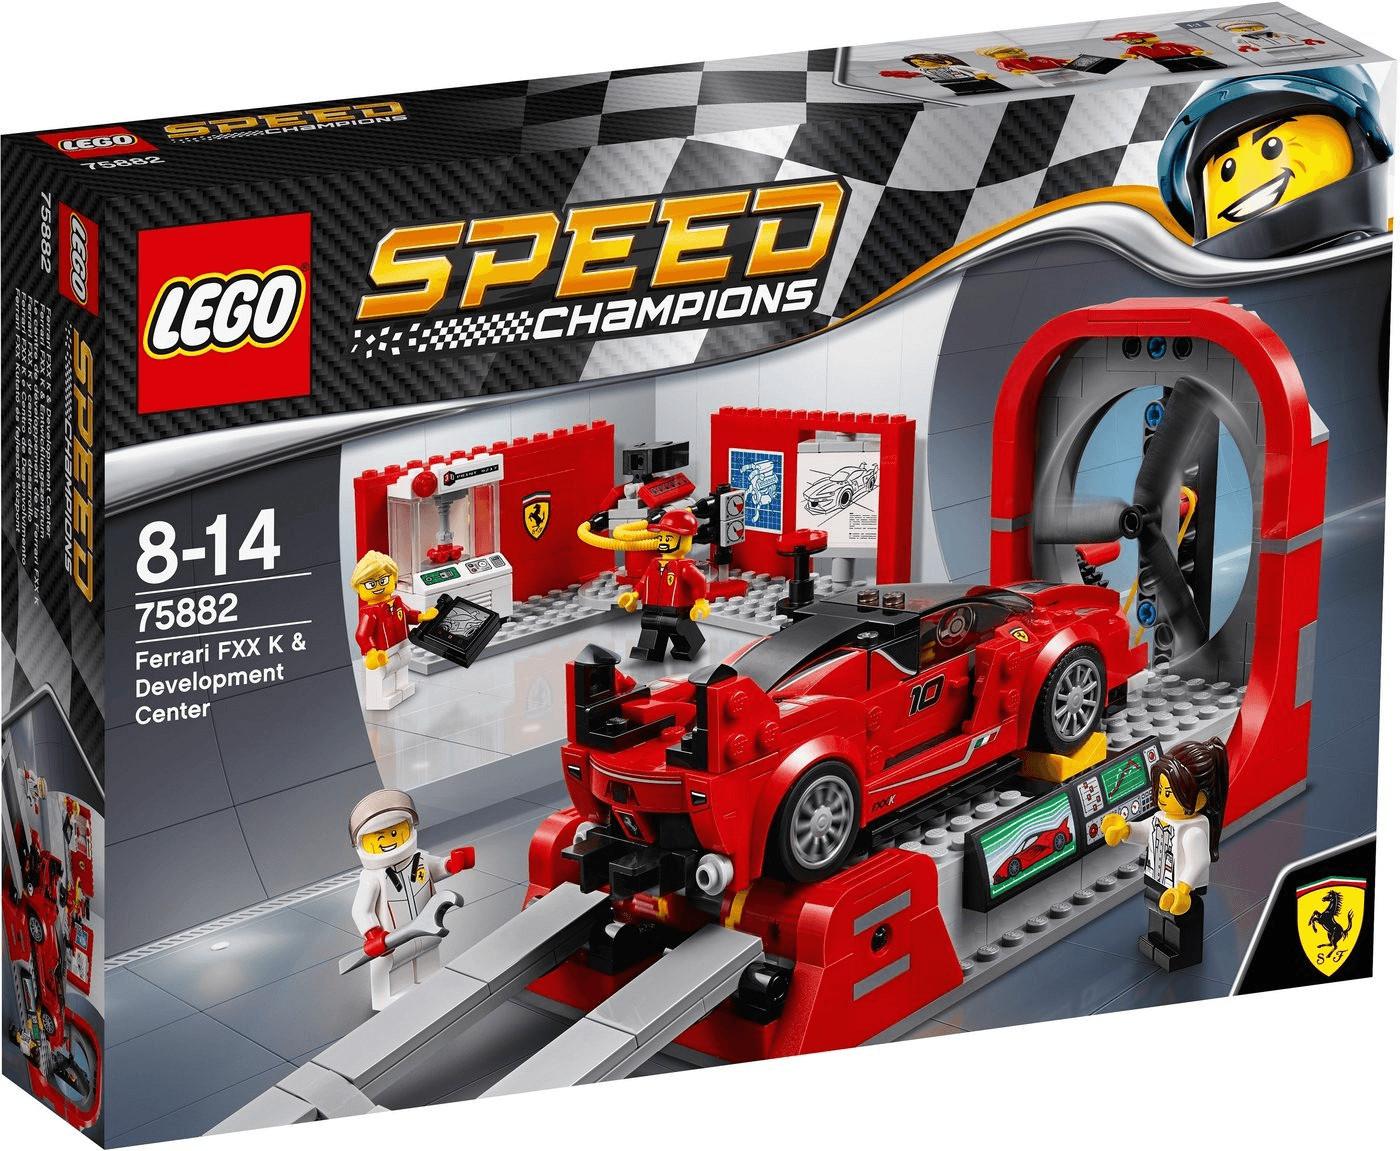 LEGO Speed Champions - Ferrari FXX K & Entwicklungszentrum (75882)